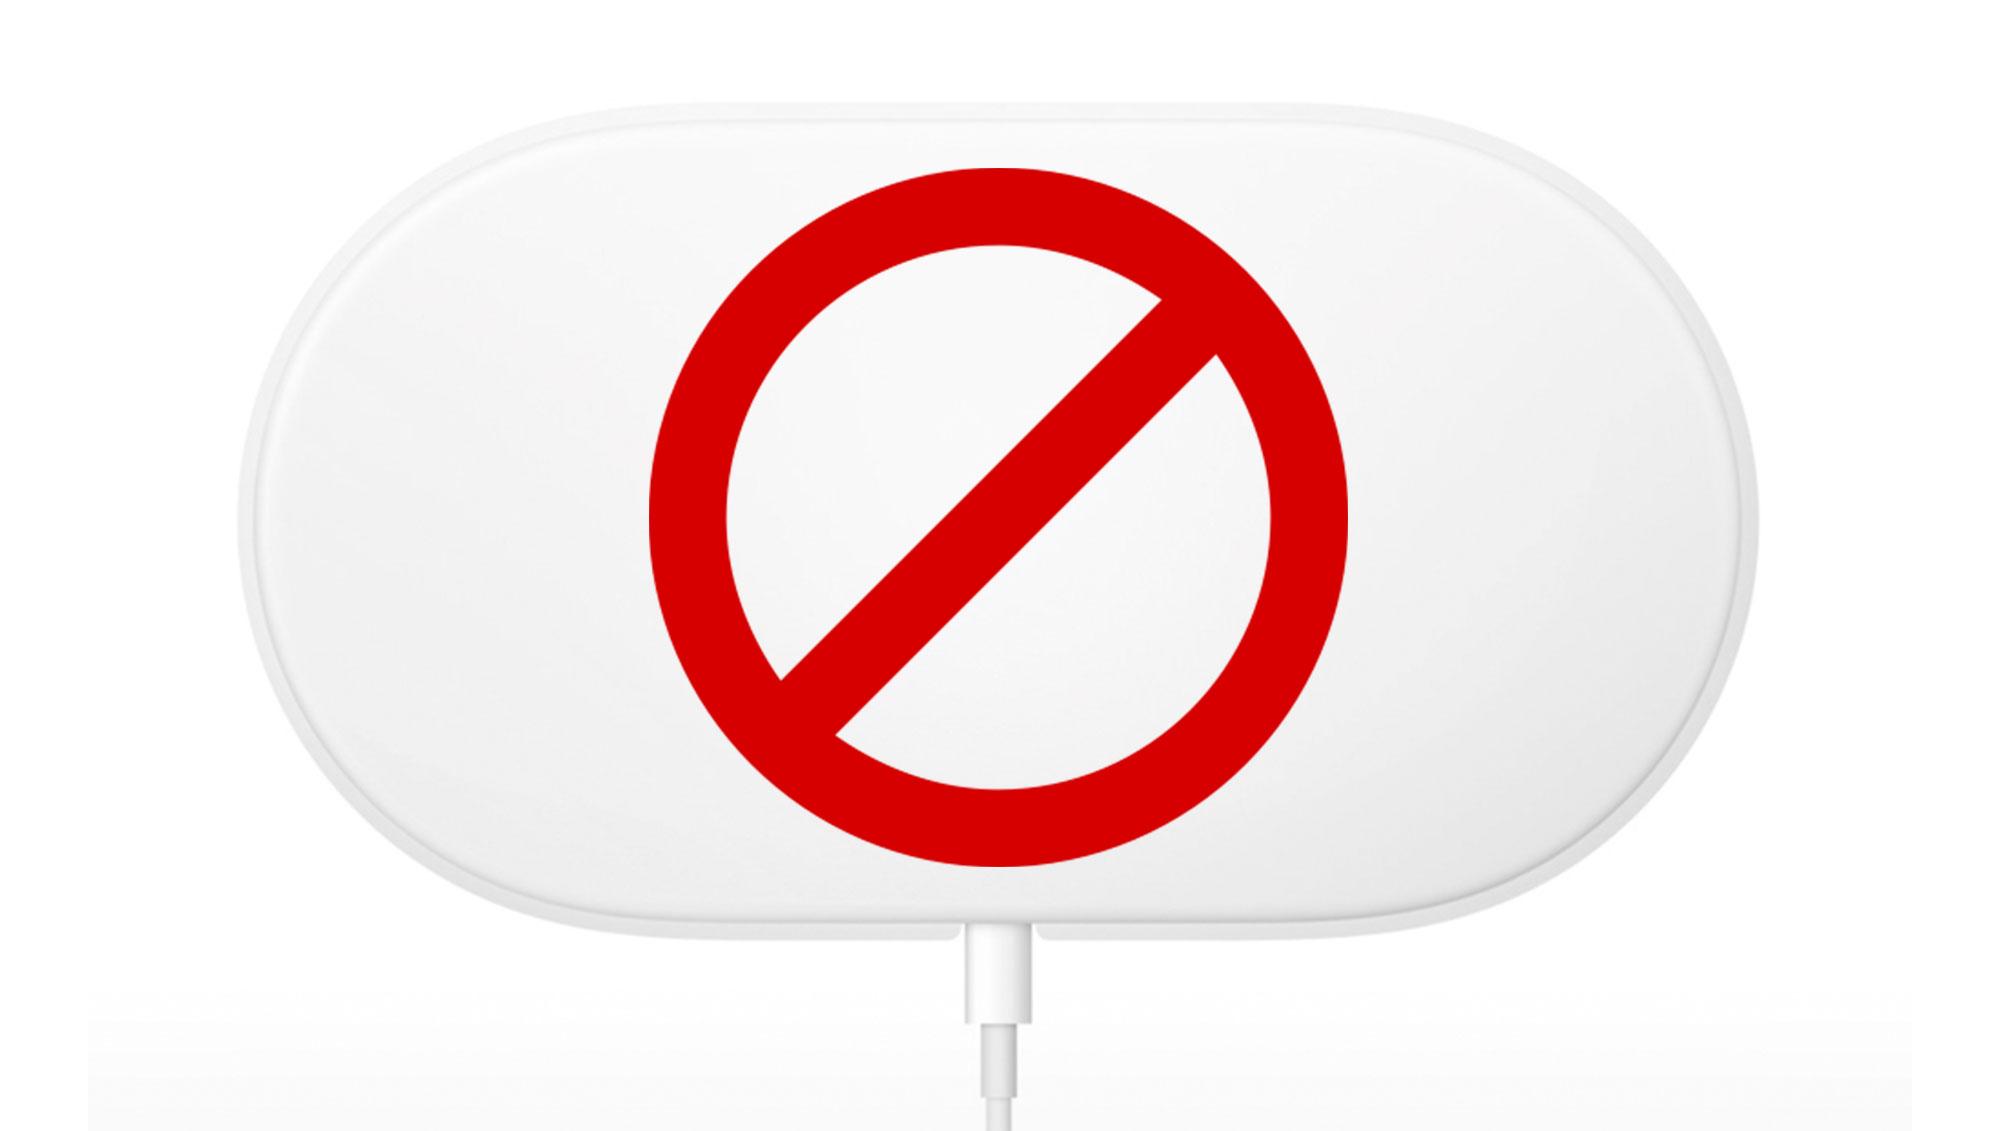 苹果宣布取消 AirPower 因无法满足硬件标准